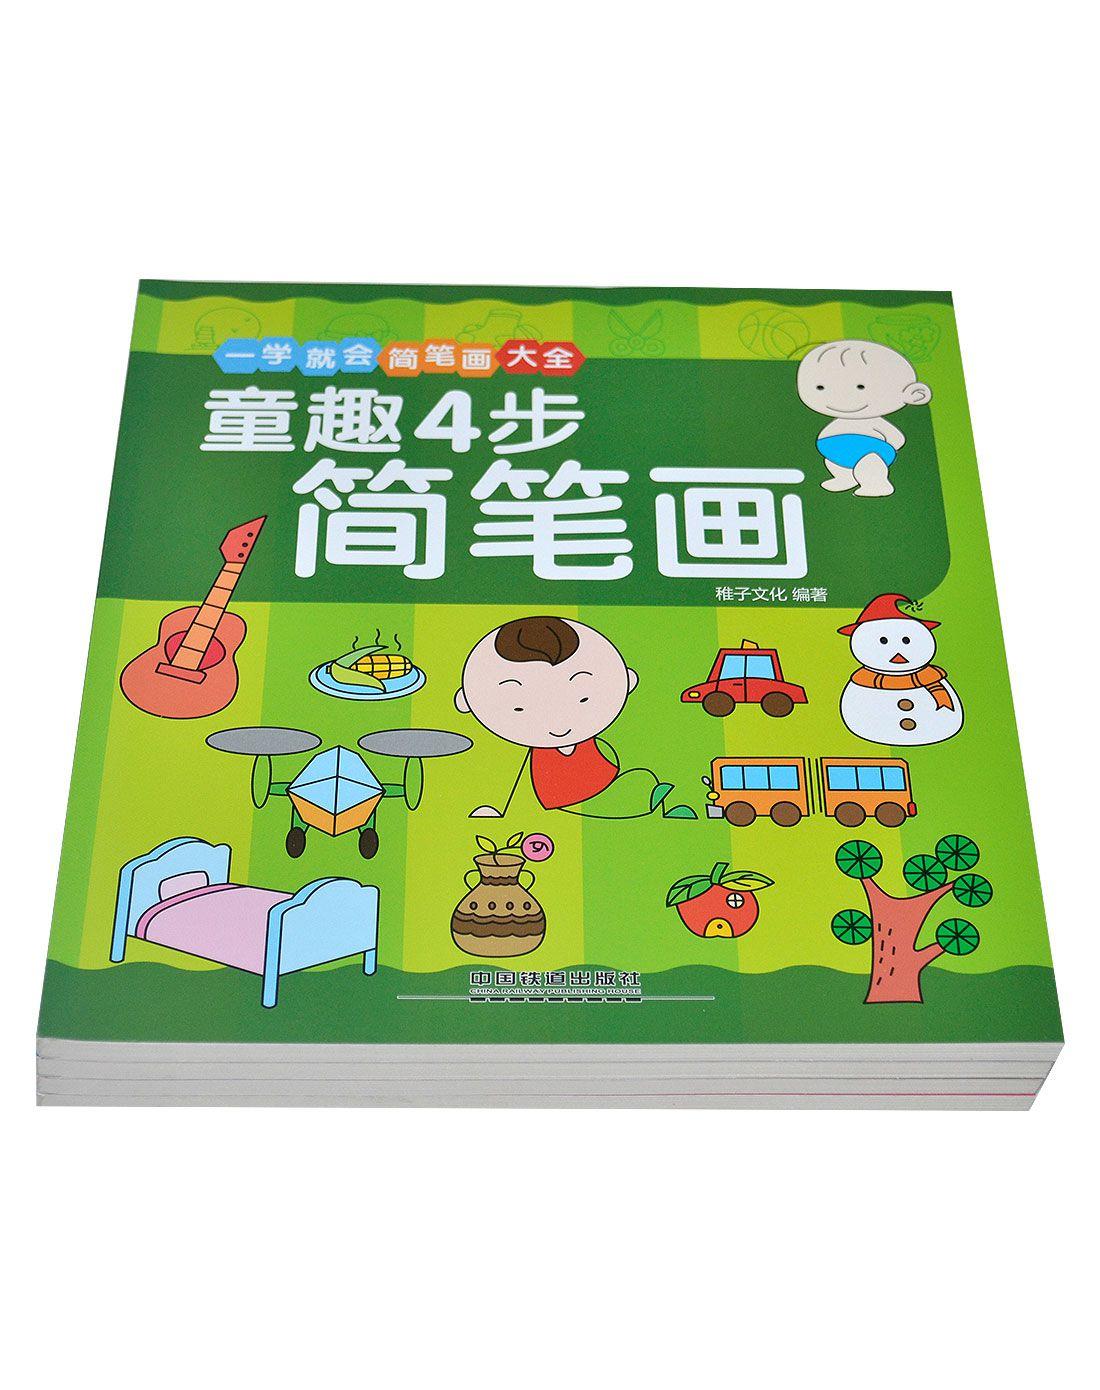 小火车童书馆 一学就会简笔画大全(全4册)